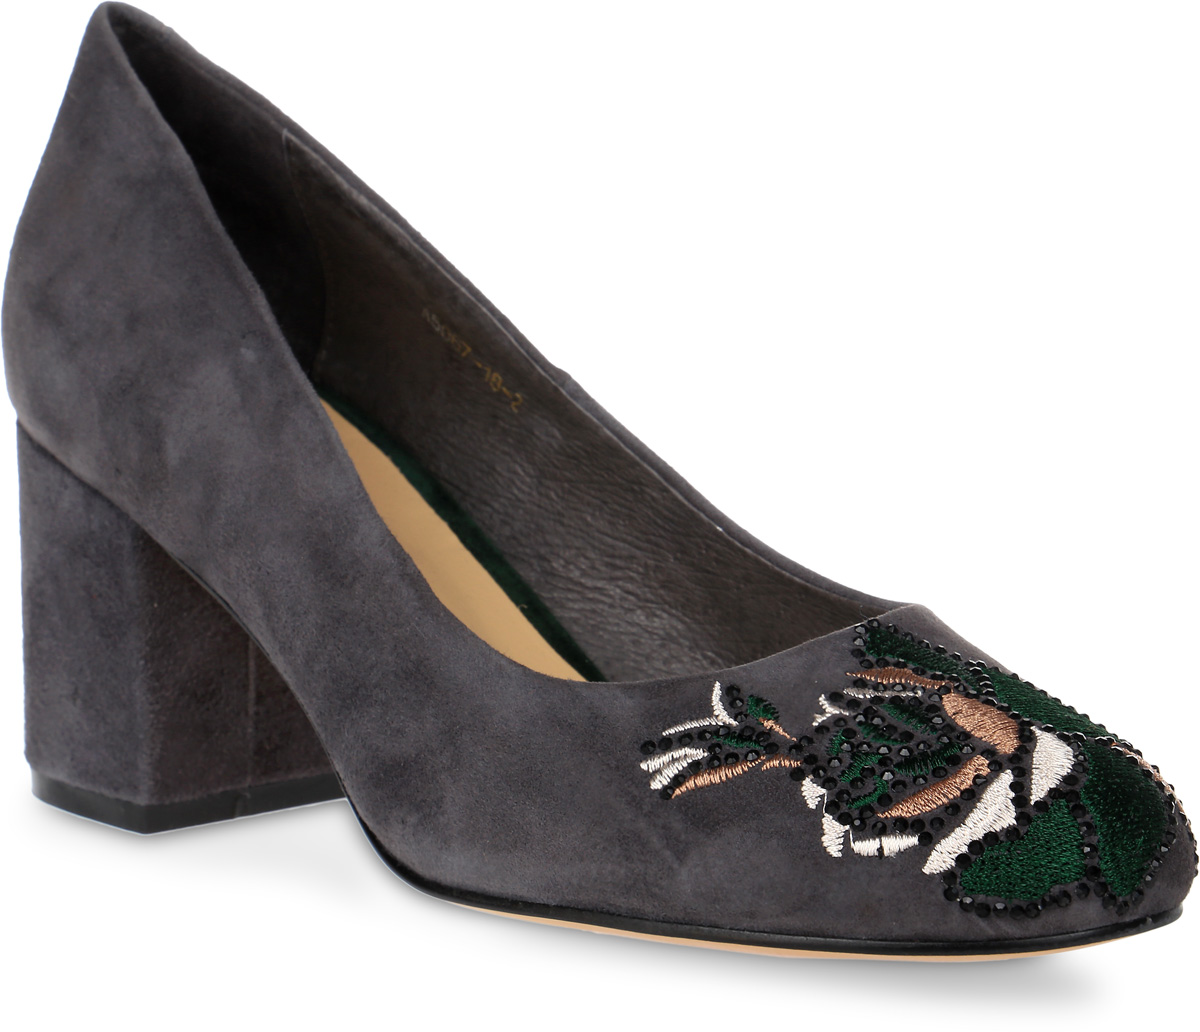 Туфли женские Graciana, цвет: серый. A5067-18-2. Размер 36A5067-18-2Женские туфли от Graciana на невысоком широком каблуке выполнены из натуральной замши. Подкладка, изготовленная из натуральной кожи, обладает хорошей влаговпитываемостью и естественной воздухопроницаемостью. Стелька из натуральной кожи гарантирует комфорт и удобство стопам. Подошва из полимерного термопластичного материала обеспечивает хорошую амортизацию и сцепление с любой поверхностью.